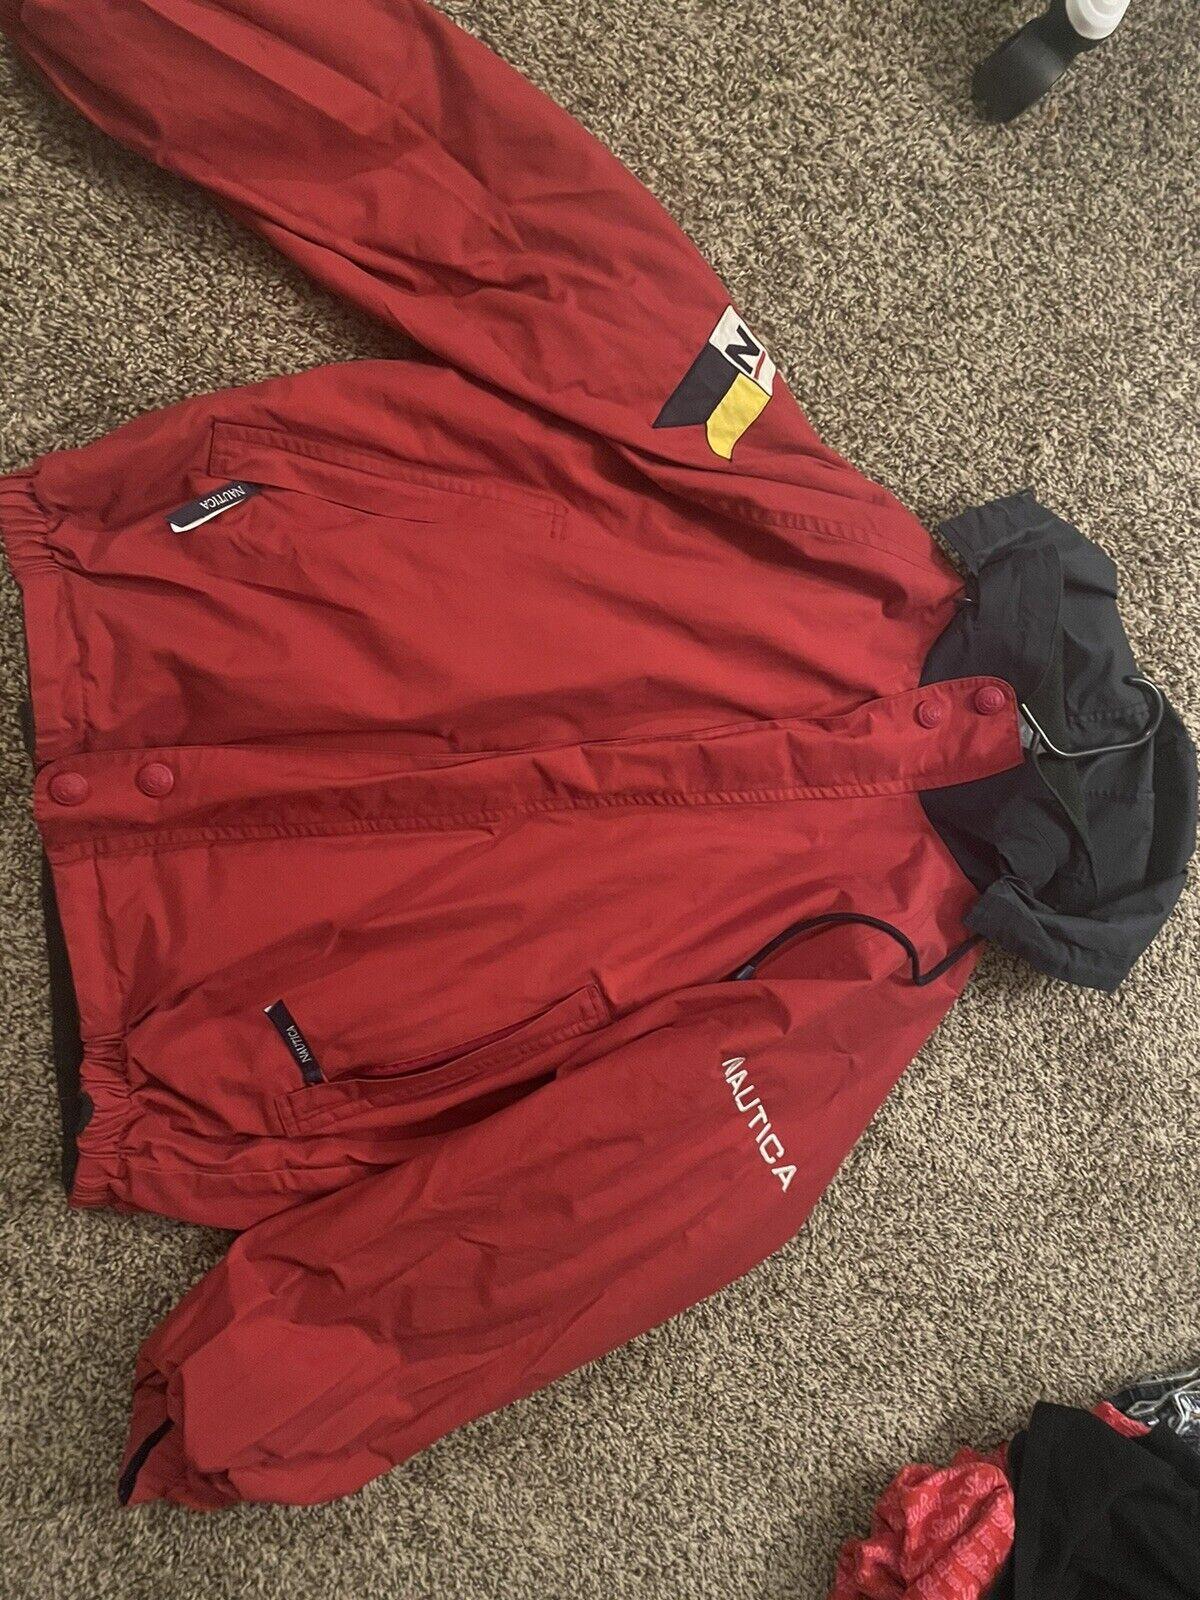 vintage nautica jacket - image 1